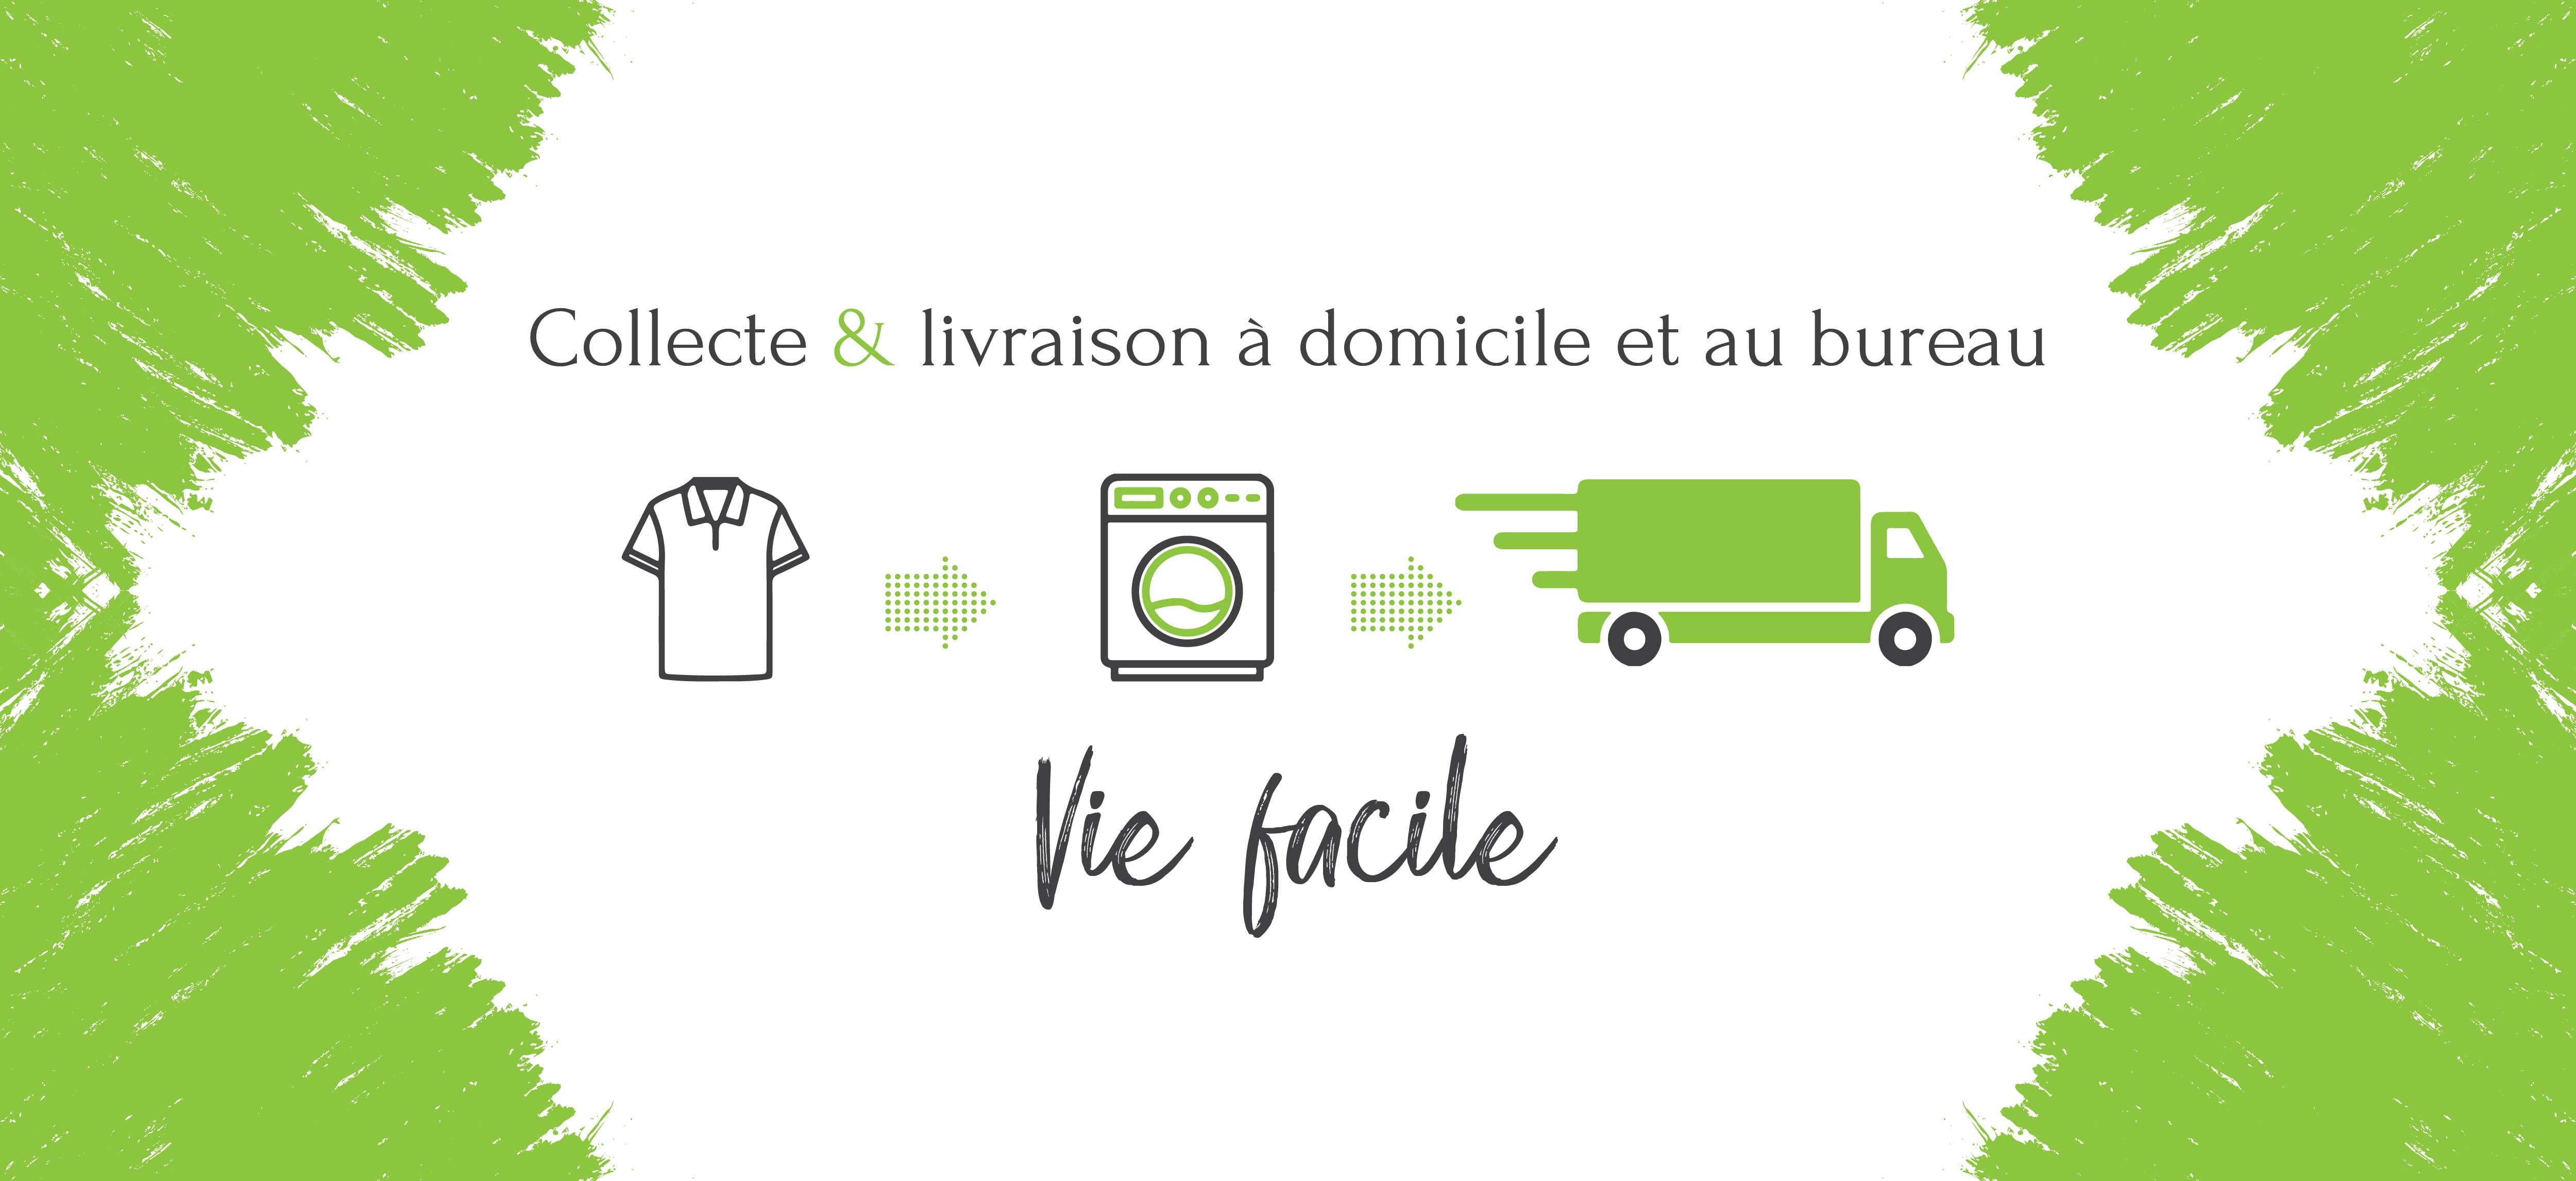 vie facile livraison pressing laverie the laundry day pressing écologique tanger maroc